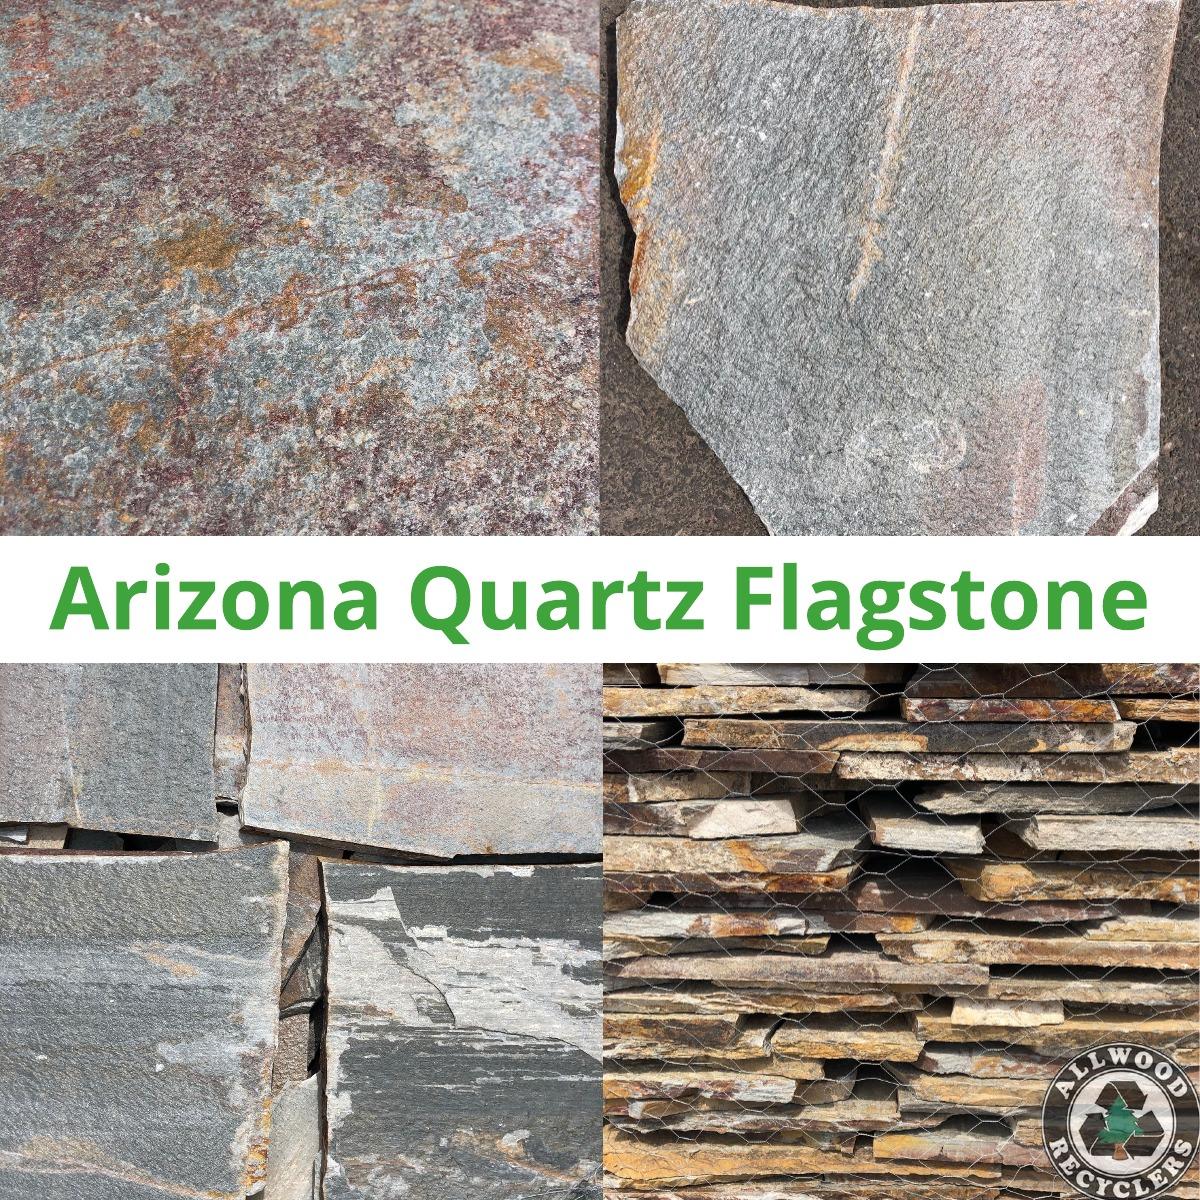 Arizona Quartz Flagstone